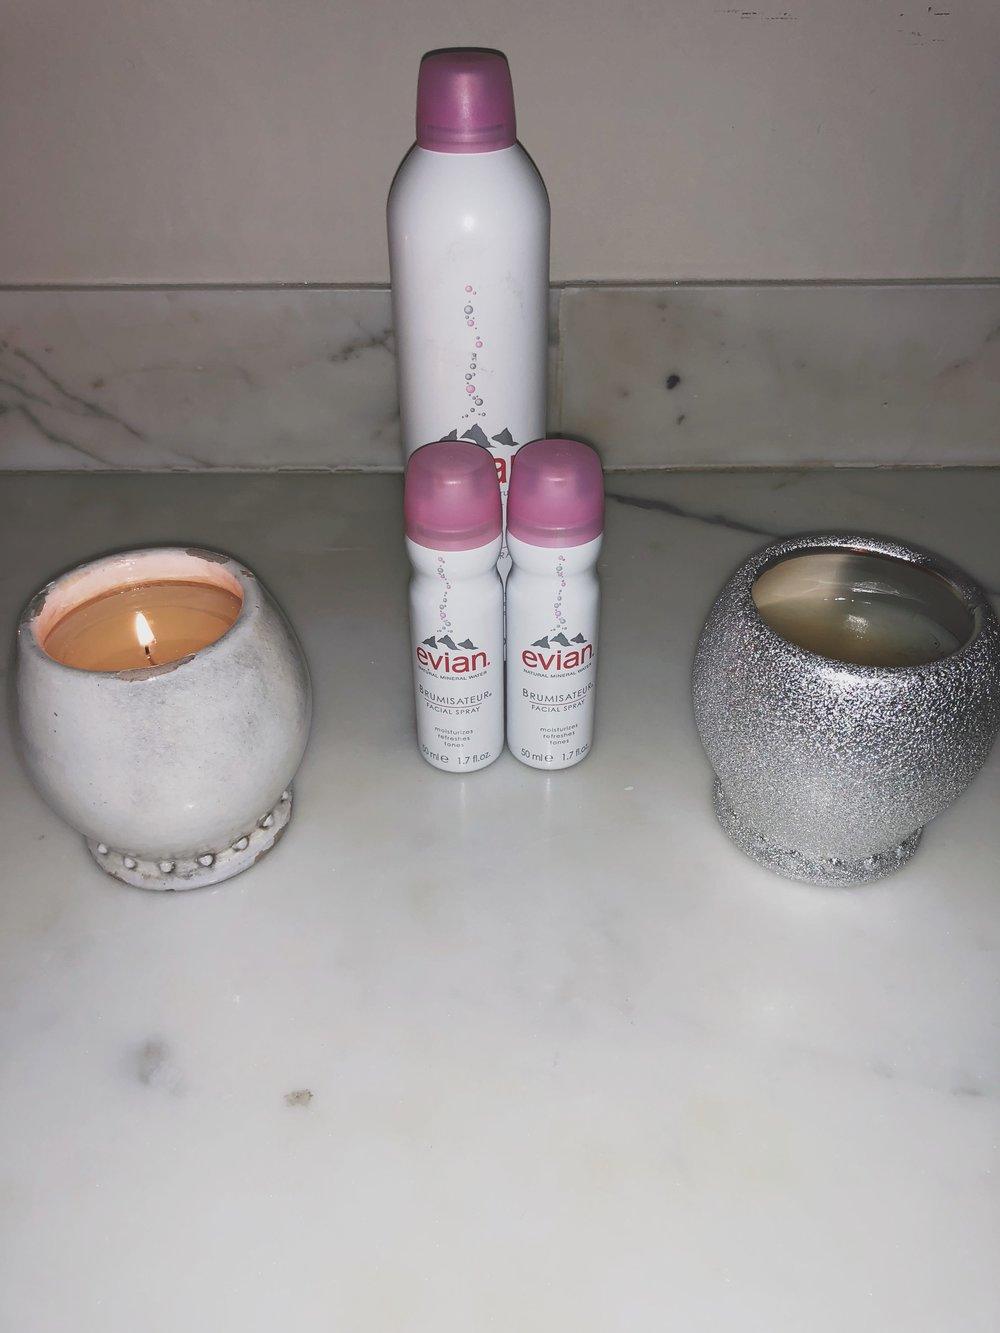 1.  Evian Facial Water Spray